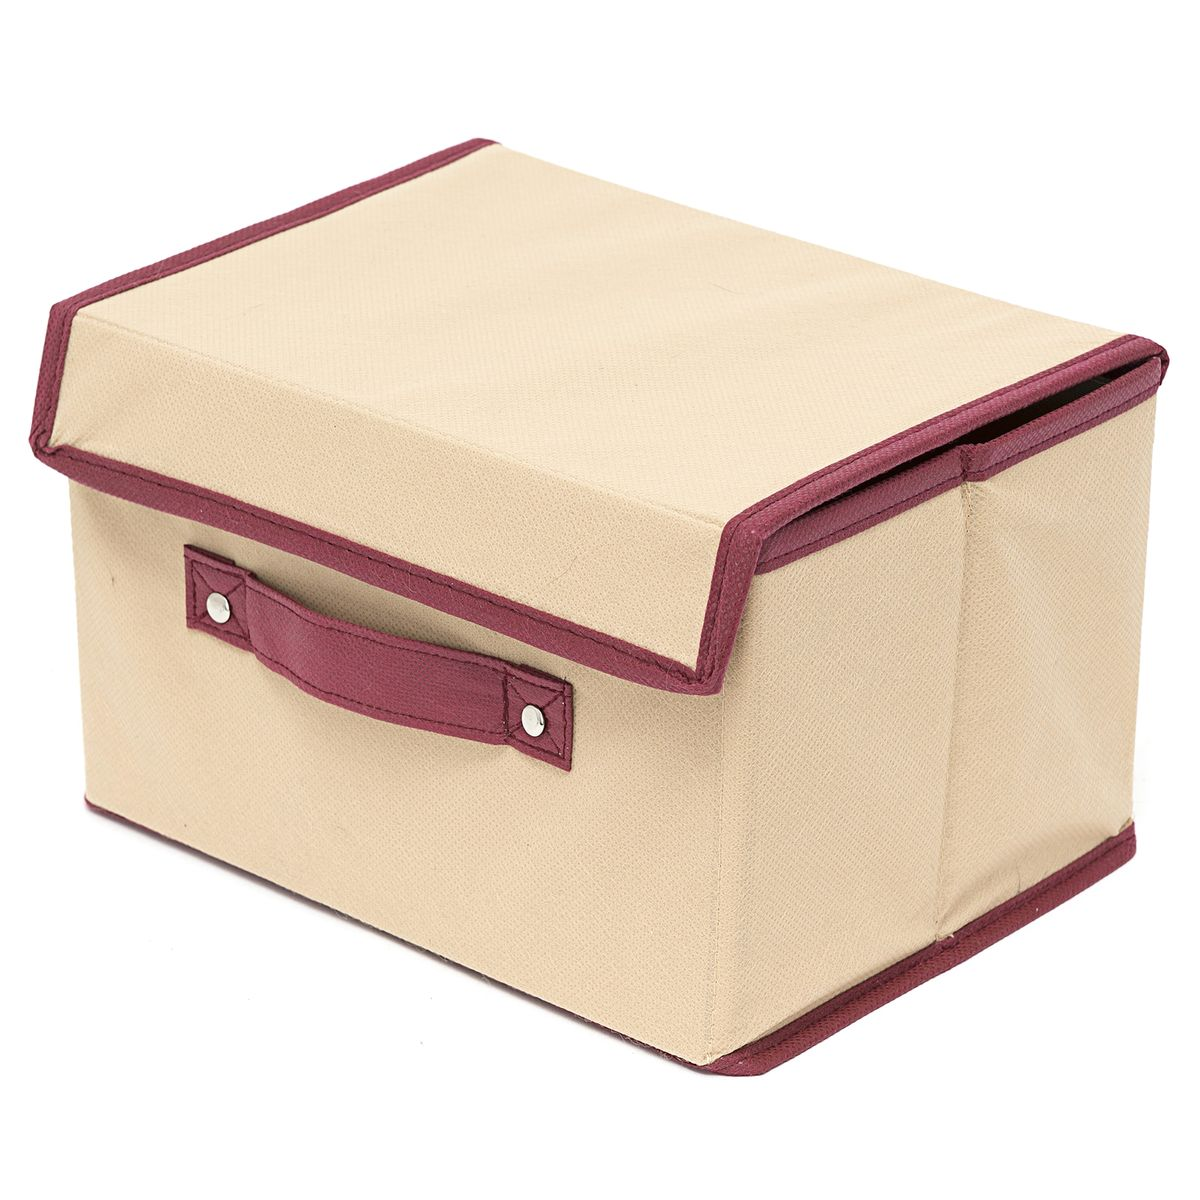 Коробка для хранения Homsu Comfort, с крышкой, цвет: бежевый, 38 x 25 x 25 см1004900000360Коробка для хранения Homsu  Comfort изготовлена из поливинилхлорида и спанбонда. Изделие легко и быстро складывается. Оптимальный размер позволяет хранить в ней любые вещи и предметы. Изделие имеет жесткие борта и крышку, что является гарантией сохранности вещей. Коробка дополнена ручкой.